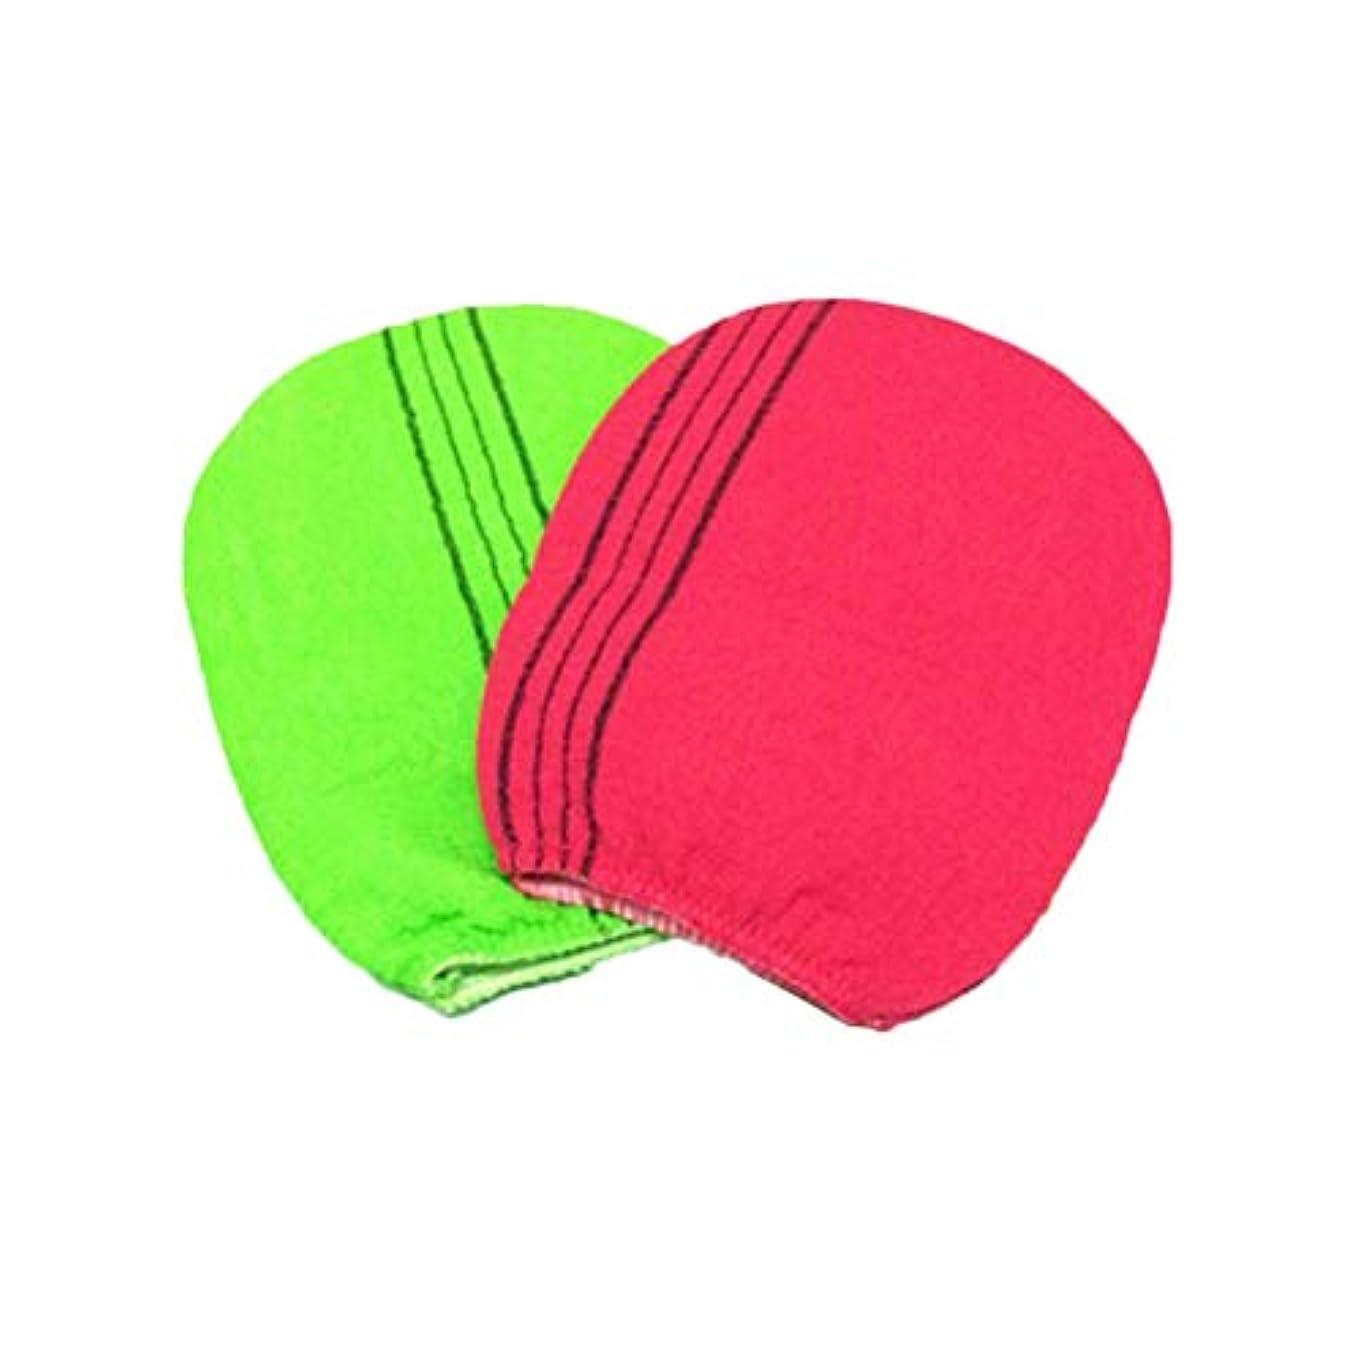 ペレットバルコニーメダルBeaupretty 2ピース入浴手袋風呂ミットラビング手袋剥離手袋シャワーバスタオル(ランダムカラー)